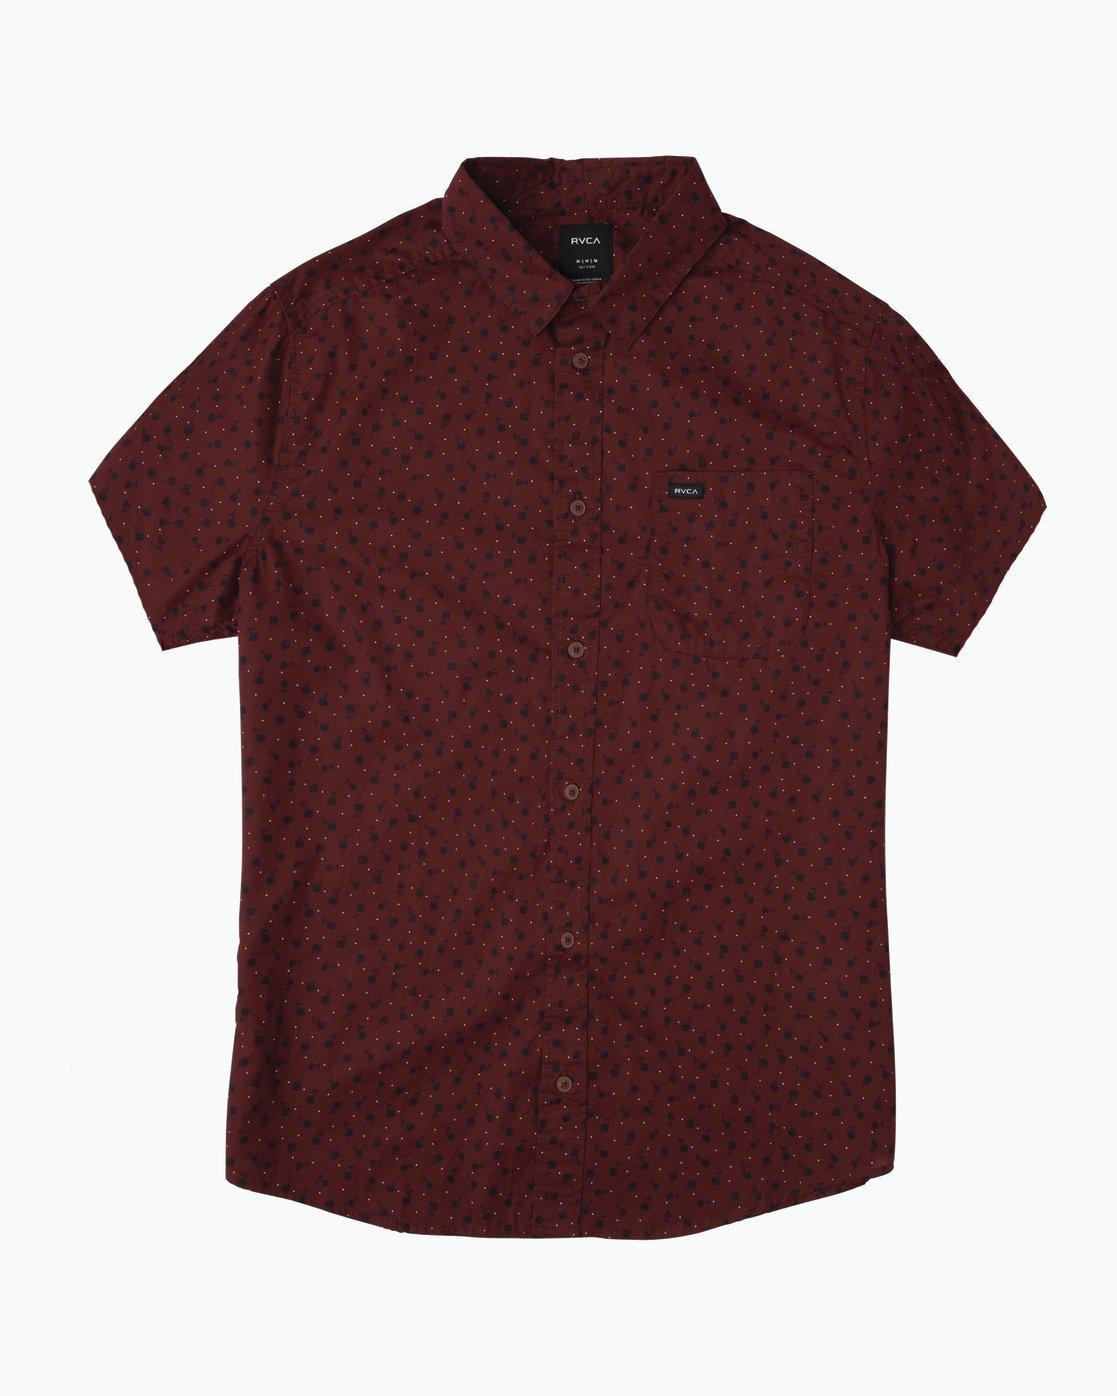 RVCA Men/'s Vu Print Short Sleeve Woven Shirt